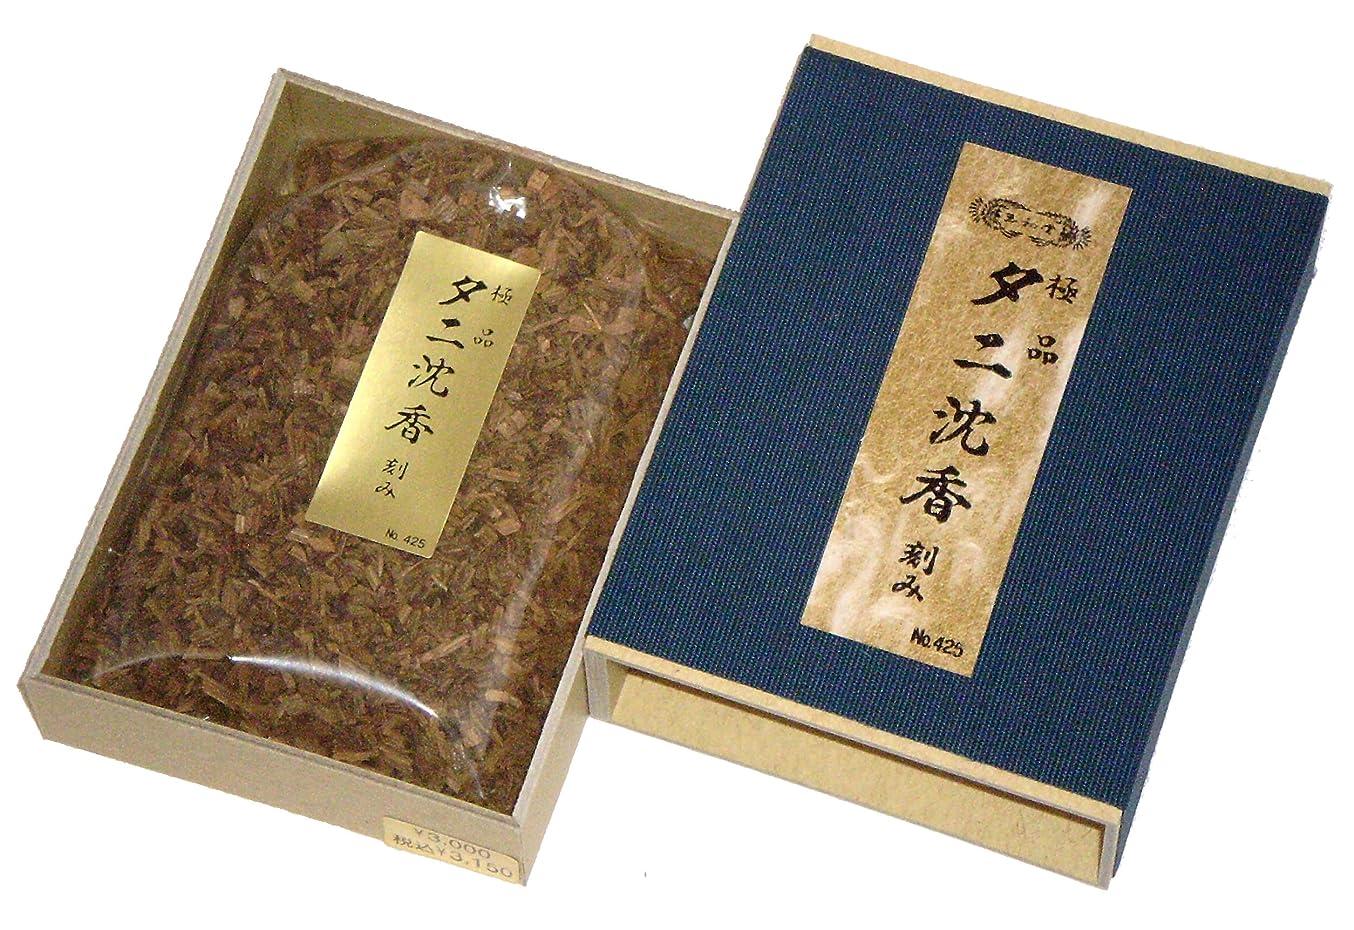 マーカージェスチャー厳しい玉初堂のお香 極品タニ沈香 刻み 化粧箱(布貼)入 #425